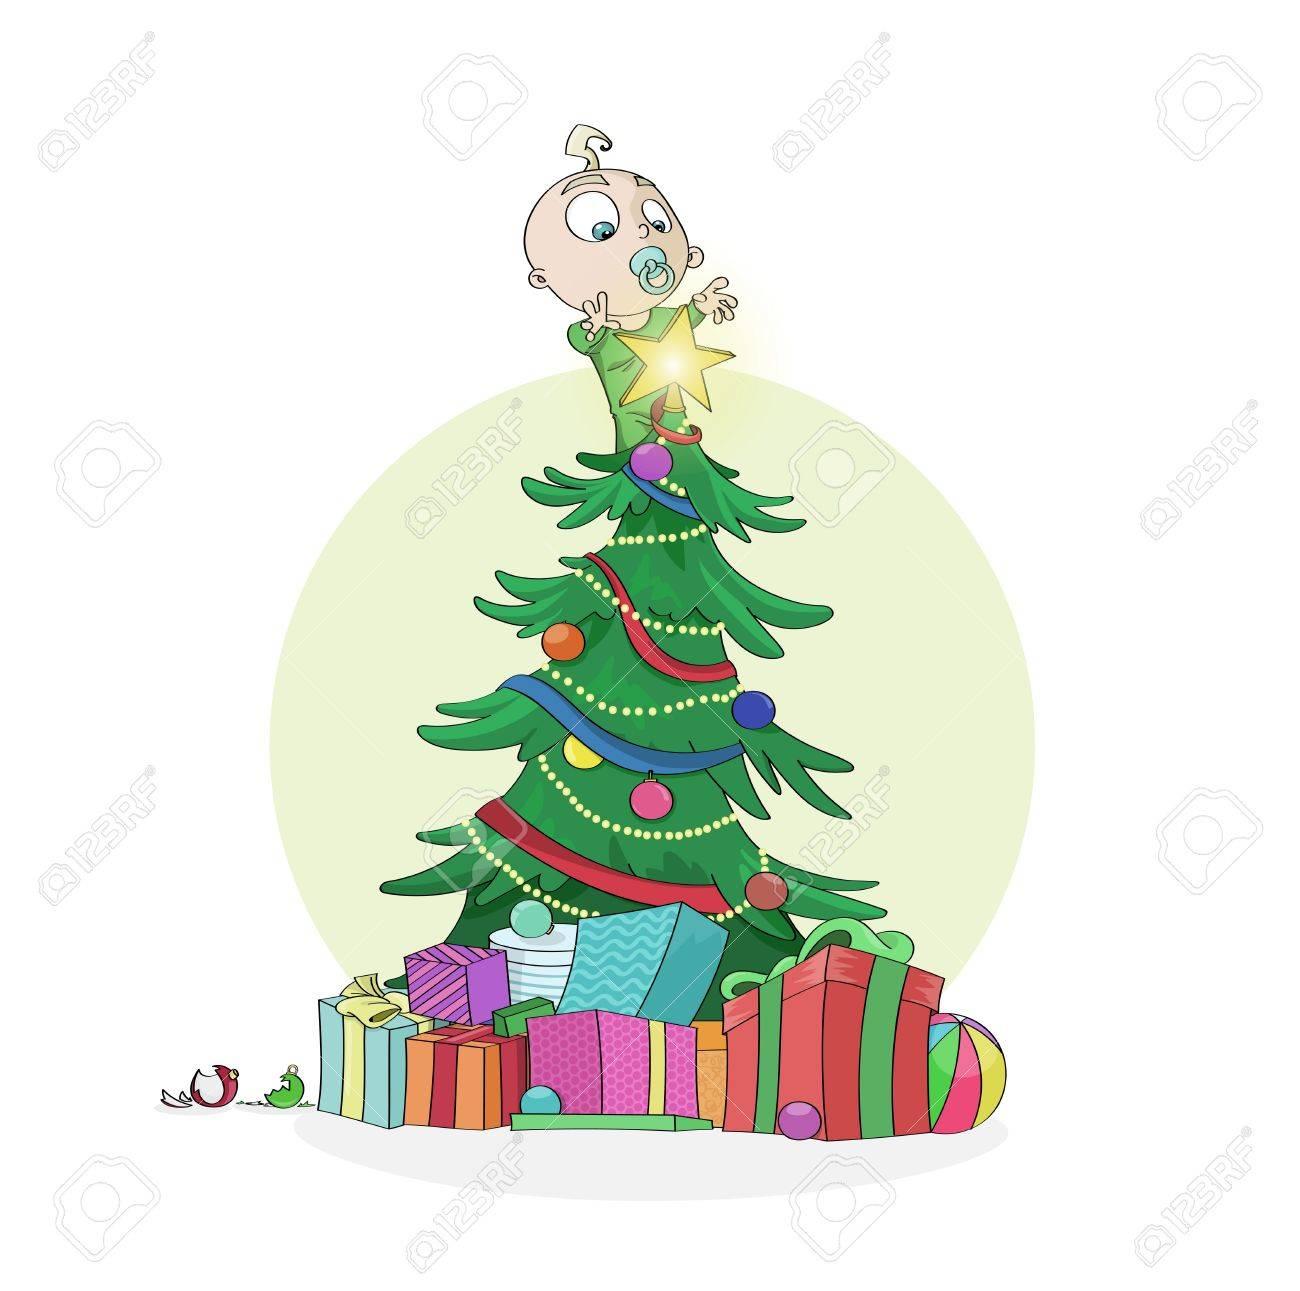 Stella Albero Di Natale Luminosa.Po Curioso Bambino E Salito Su Un Albero Di Natale Decorato Di Raggiungere La Stella Luminosa Sulla Parte Superiore Buon Natale E Felice Anno Nuovo